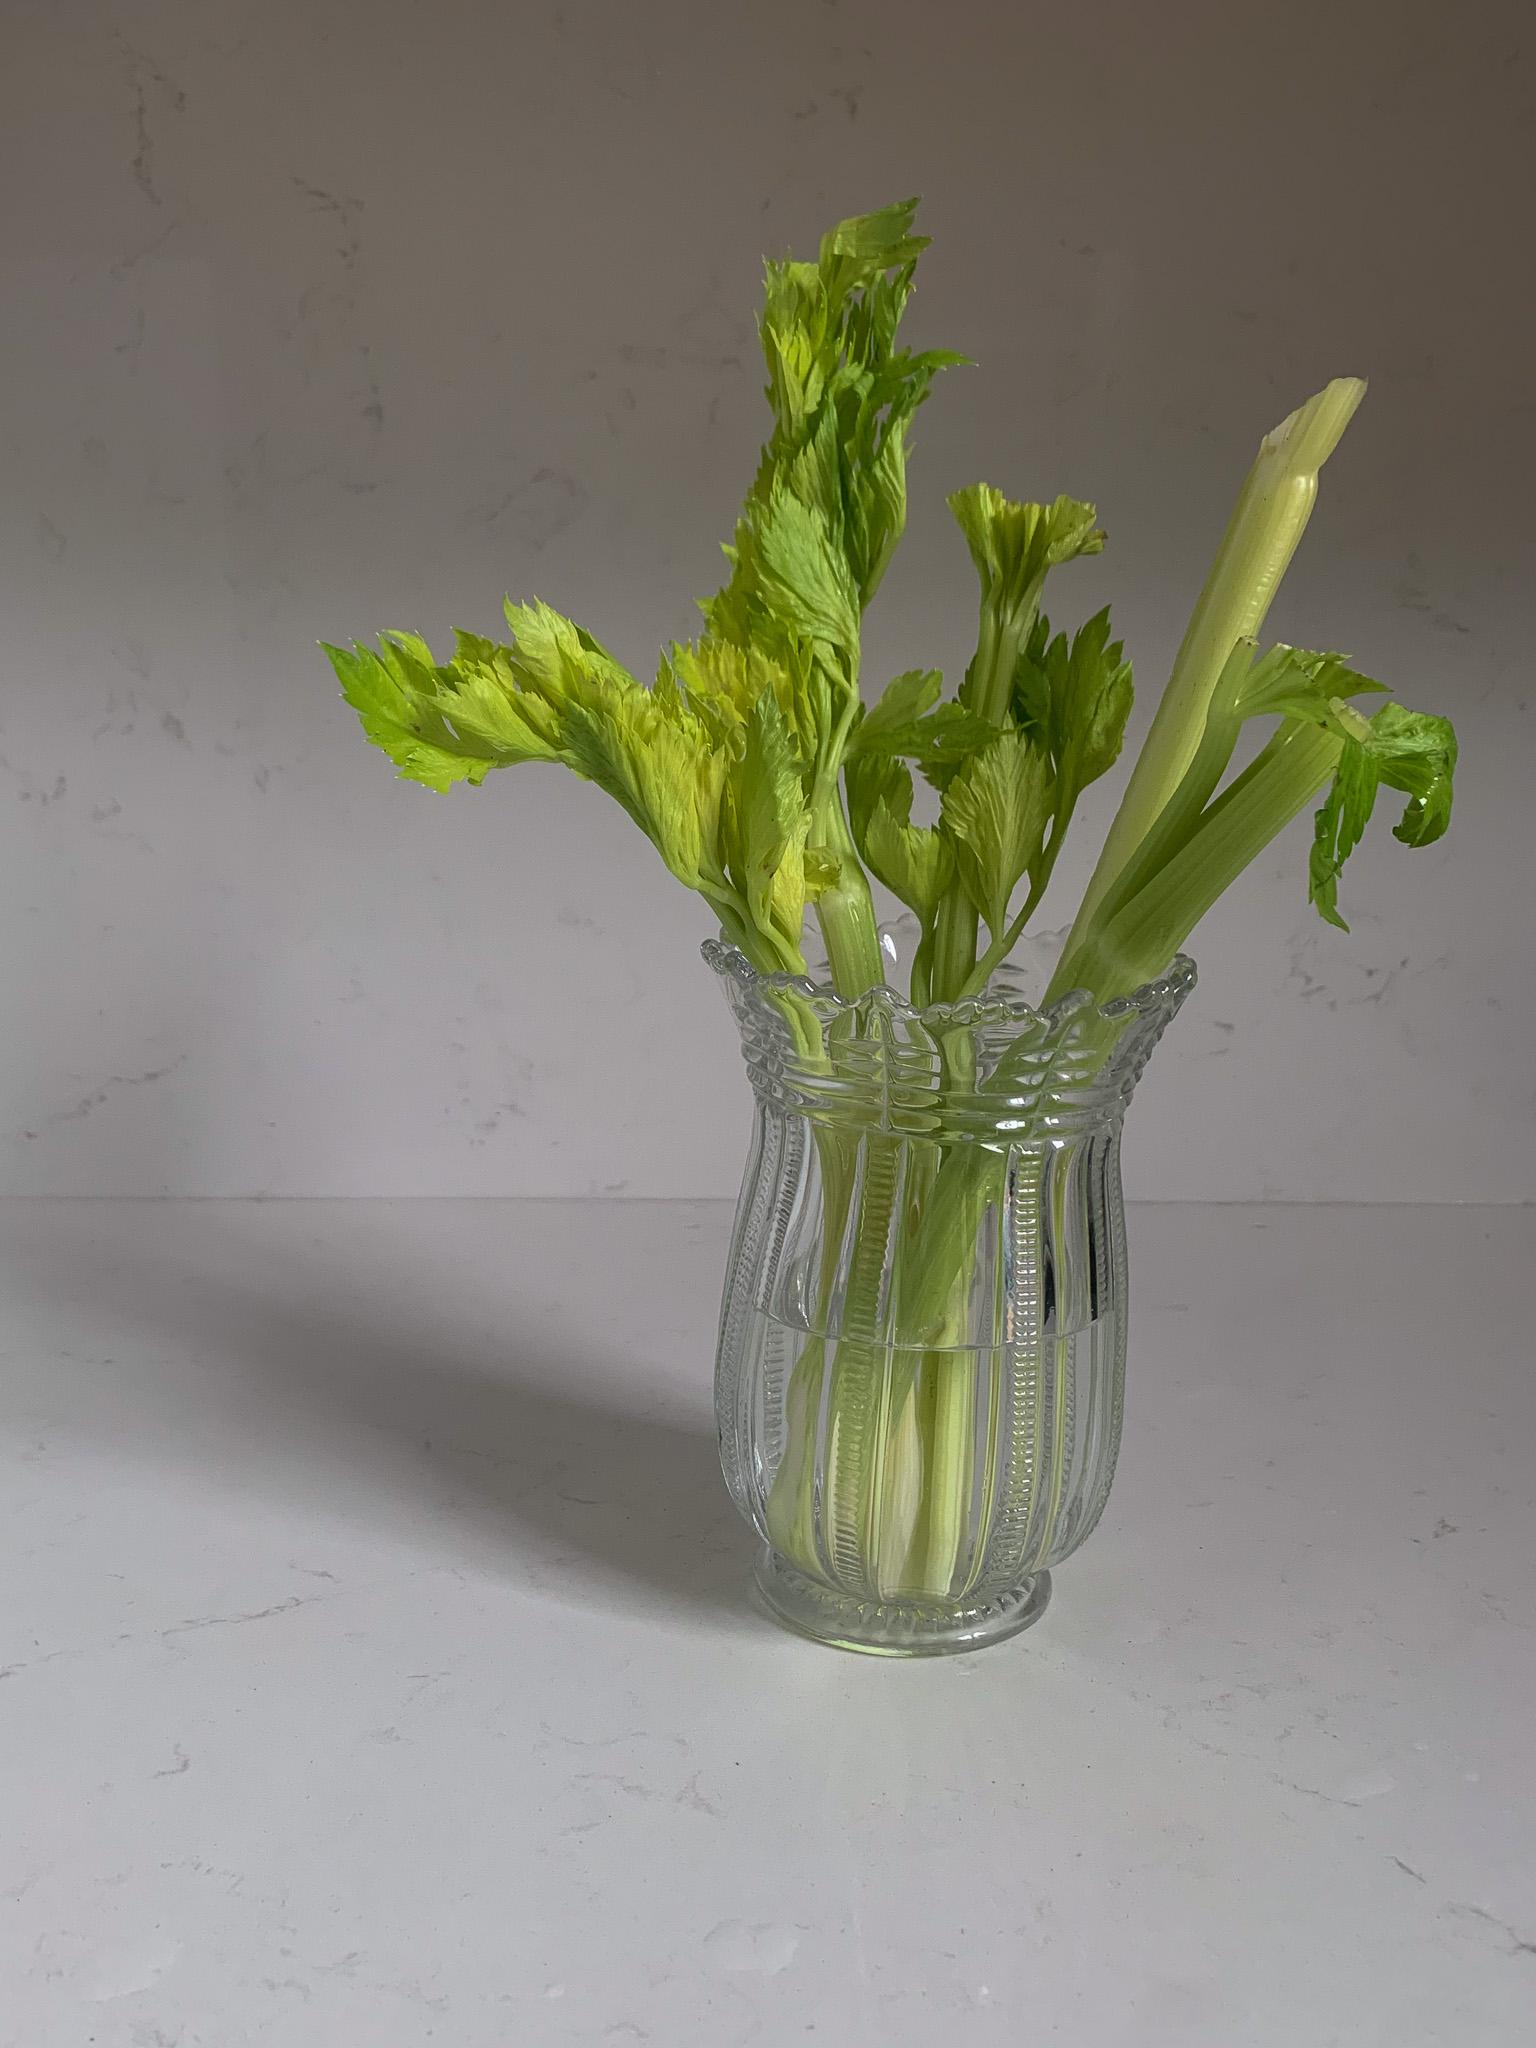 celery in a celery vase